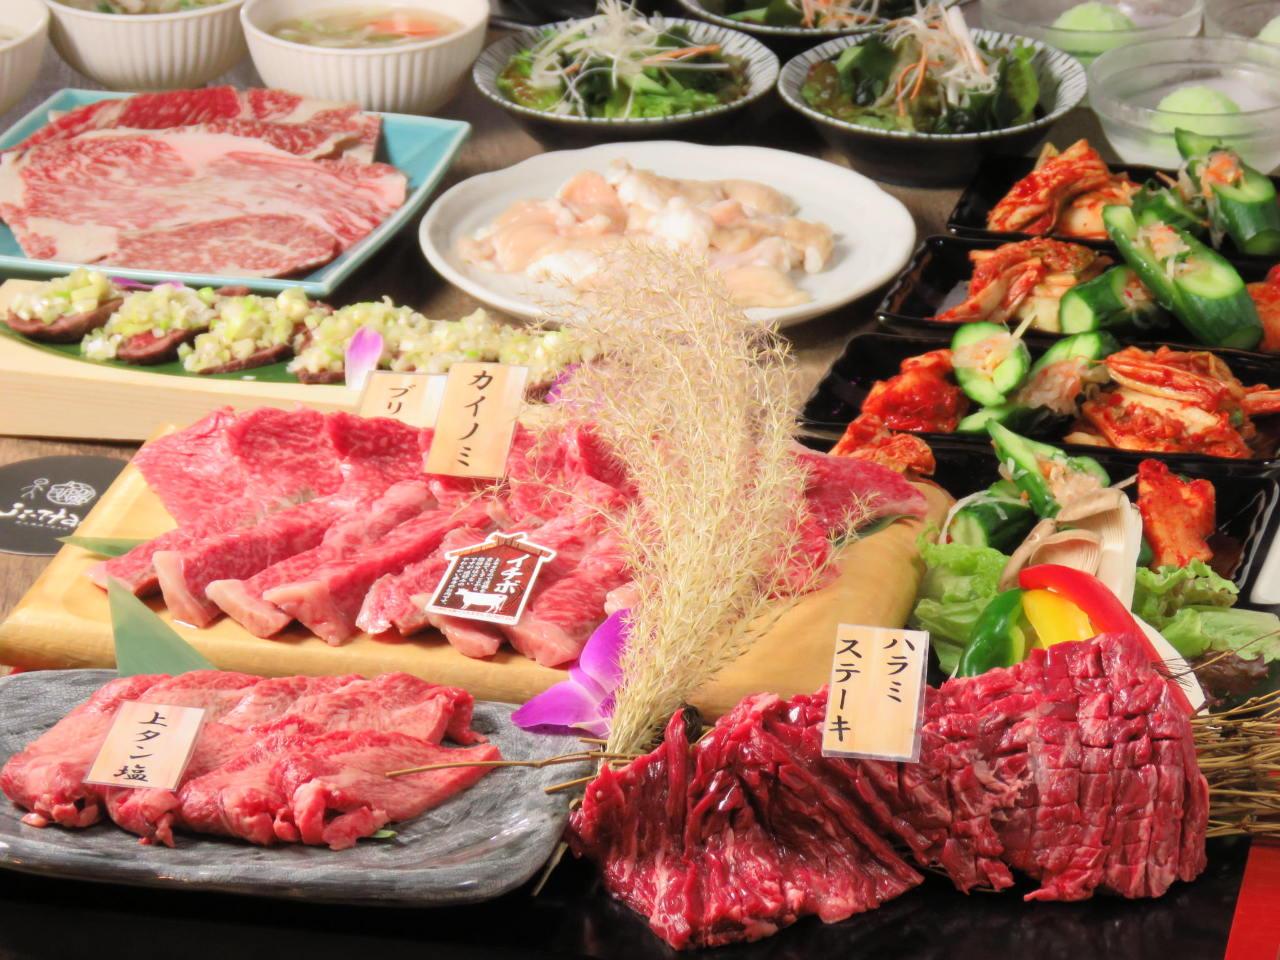 厳選肉と2時間飲み放題を楽しめる焼肉宴会コースをご用意!